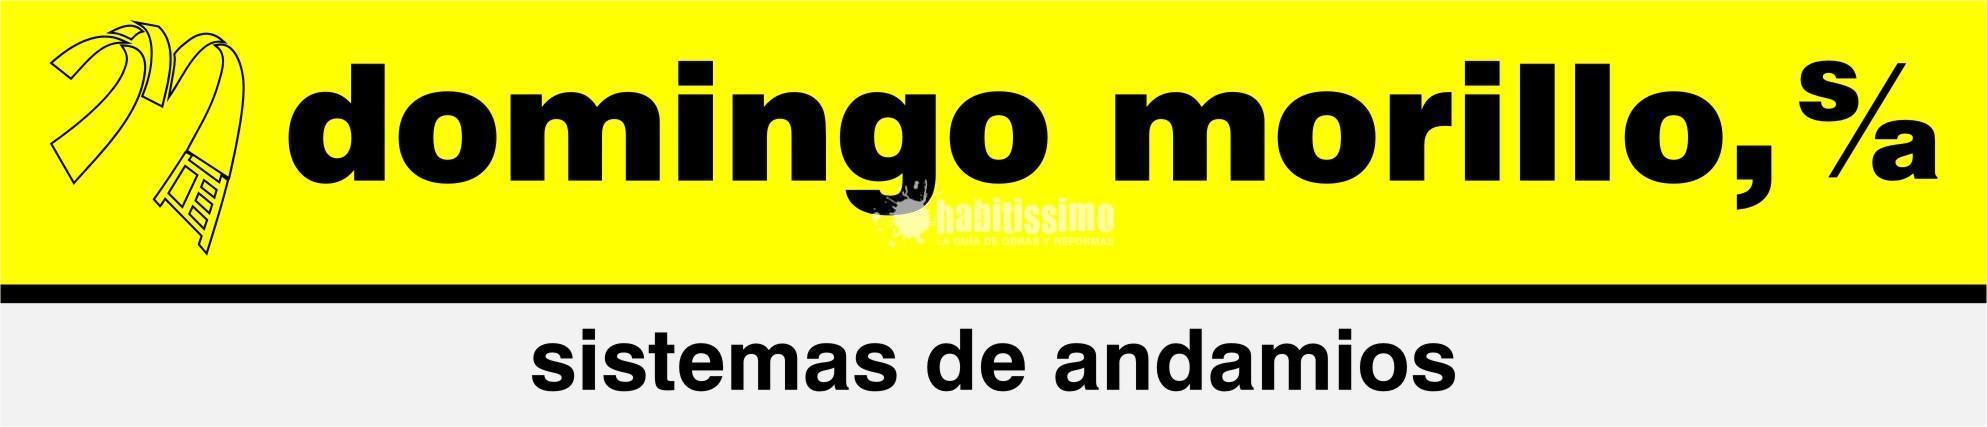 Domingo Morillo, s.a.